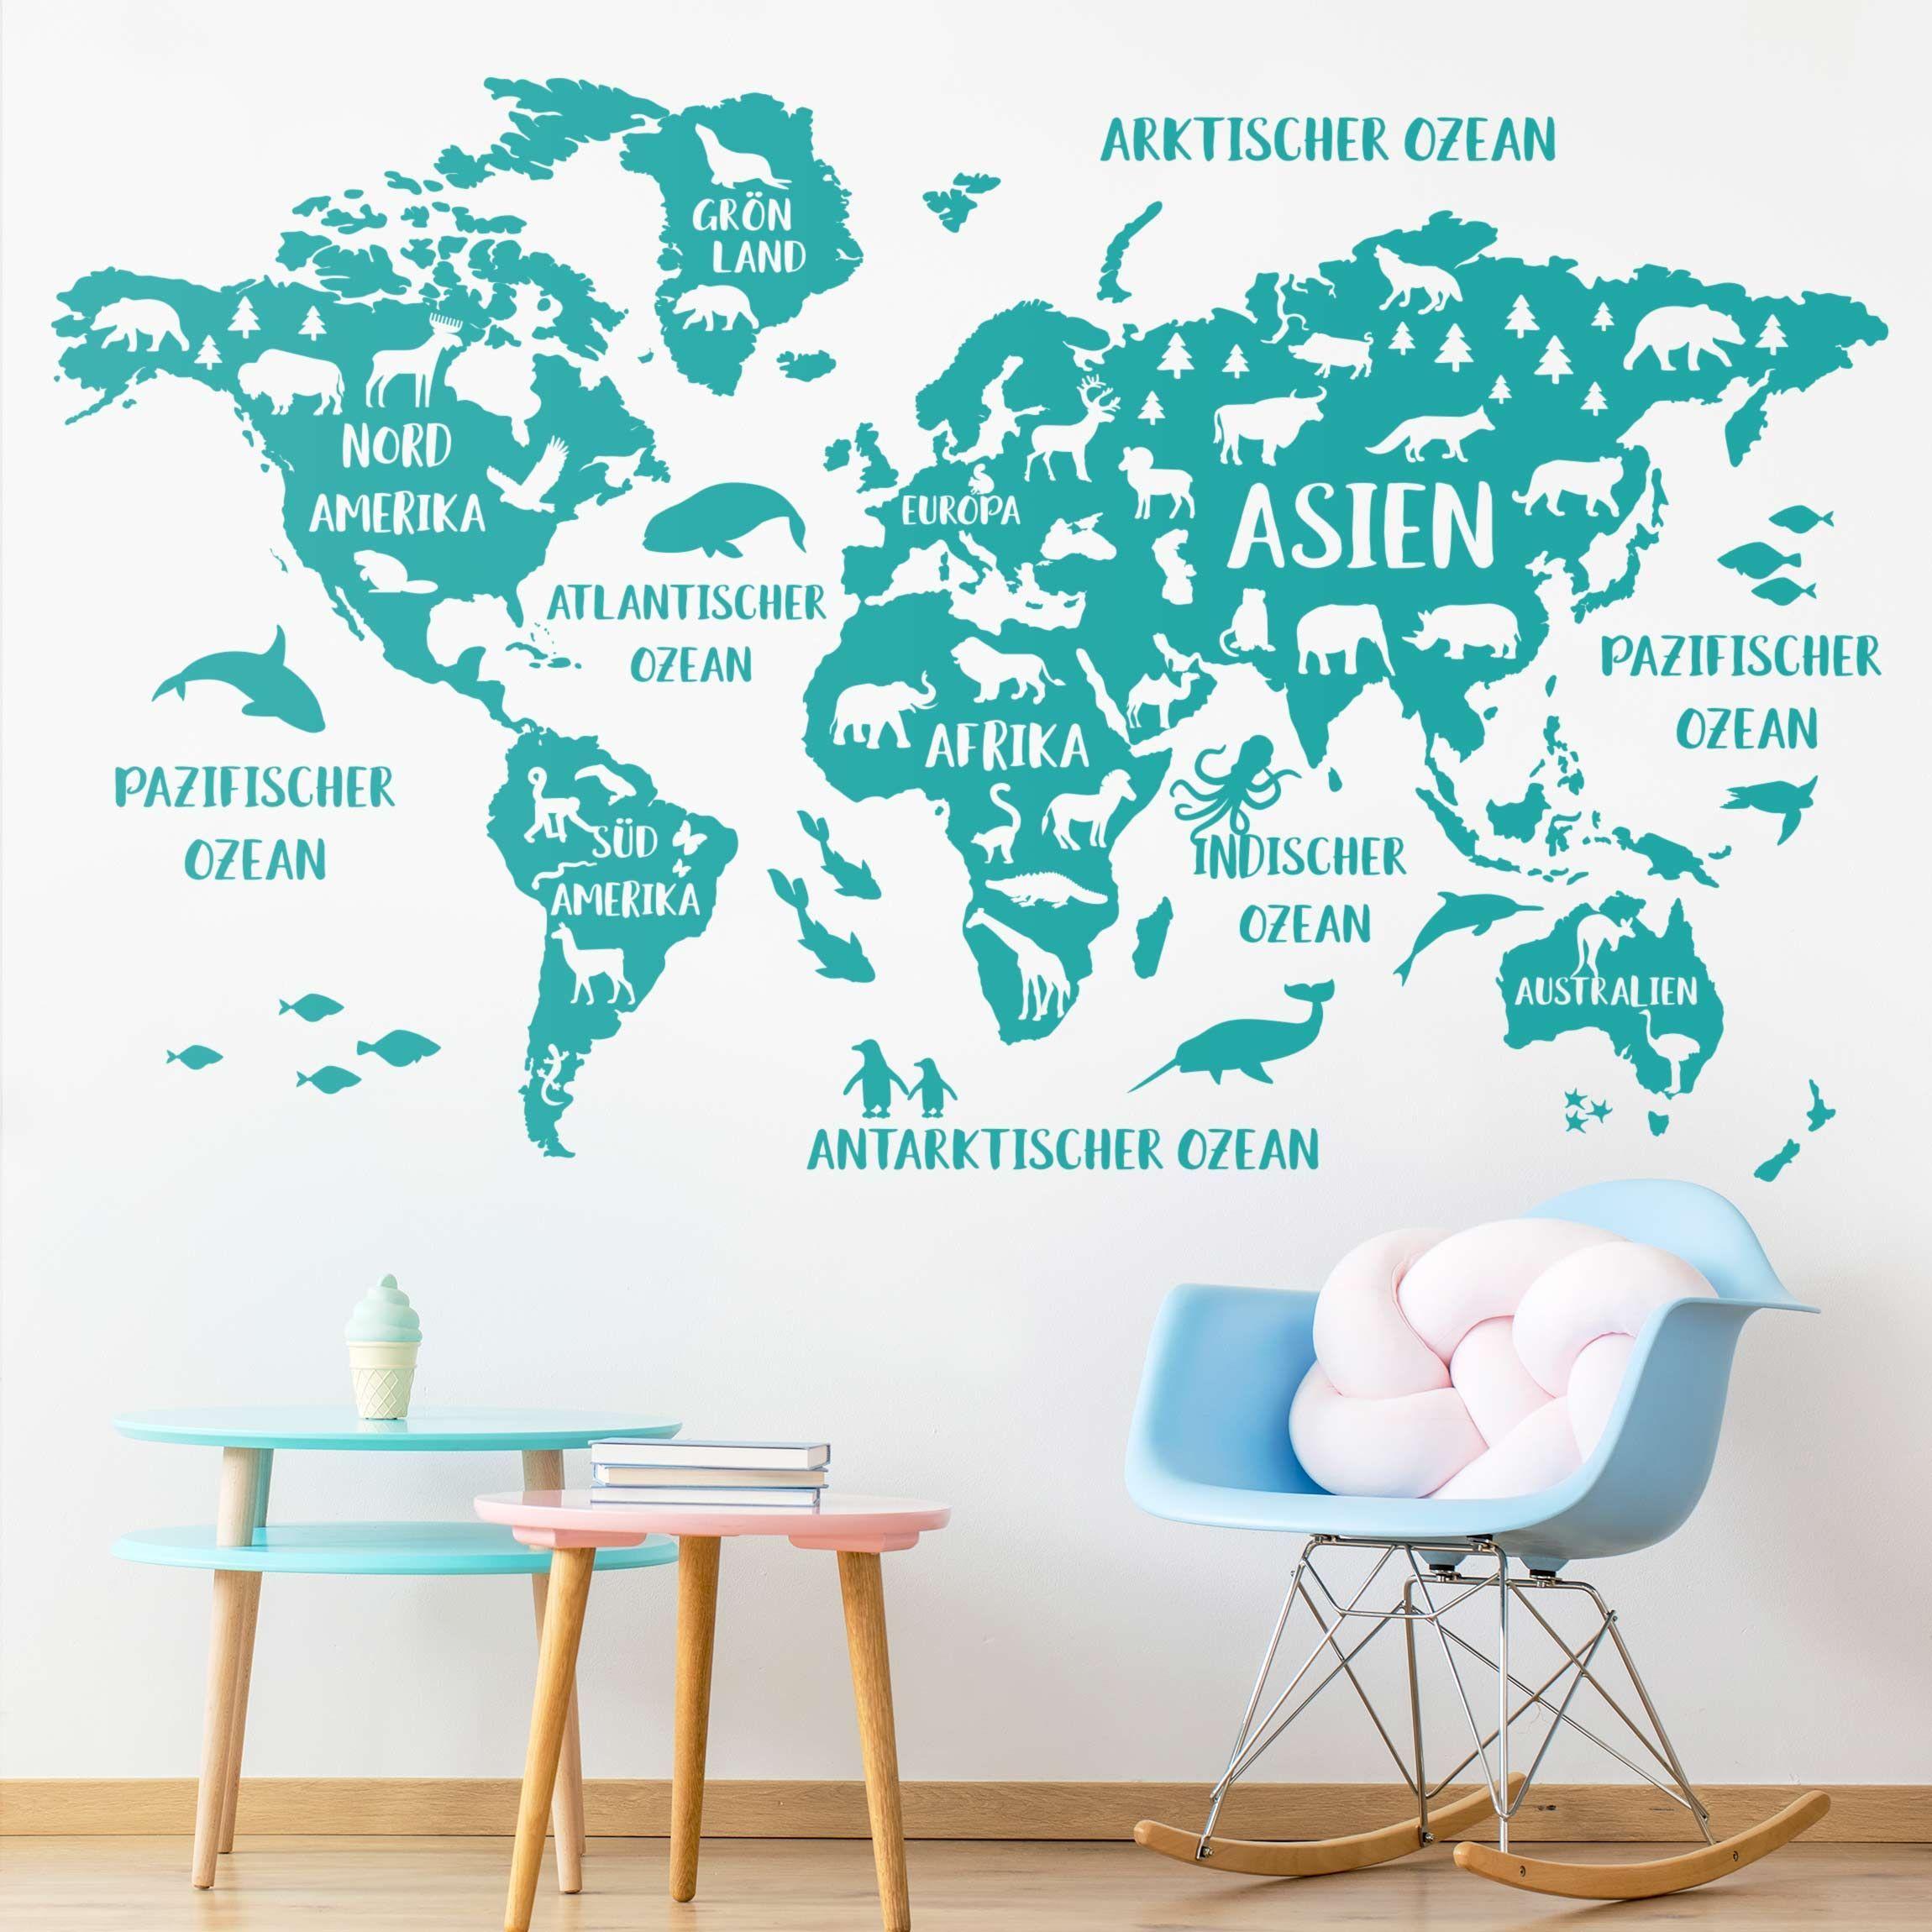 Wandtattoo Xxl Weltkarte Mit Tieren Wandtattoo Weltkarte Weltkarte Tapete Weltkarte